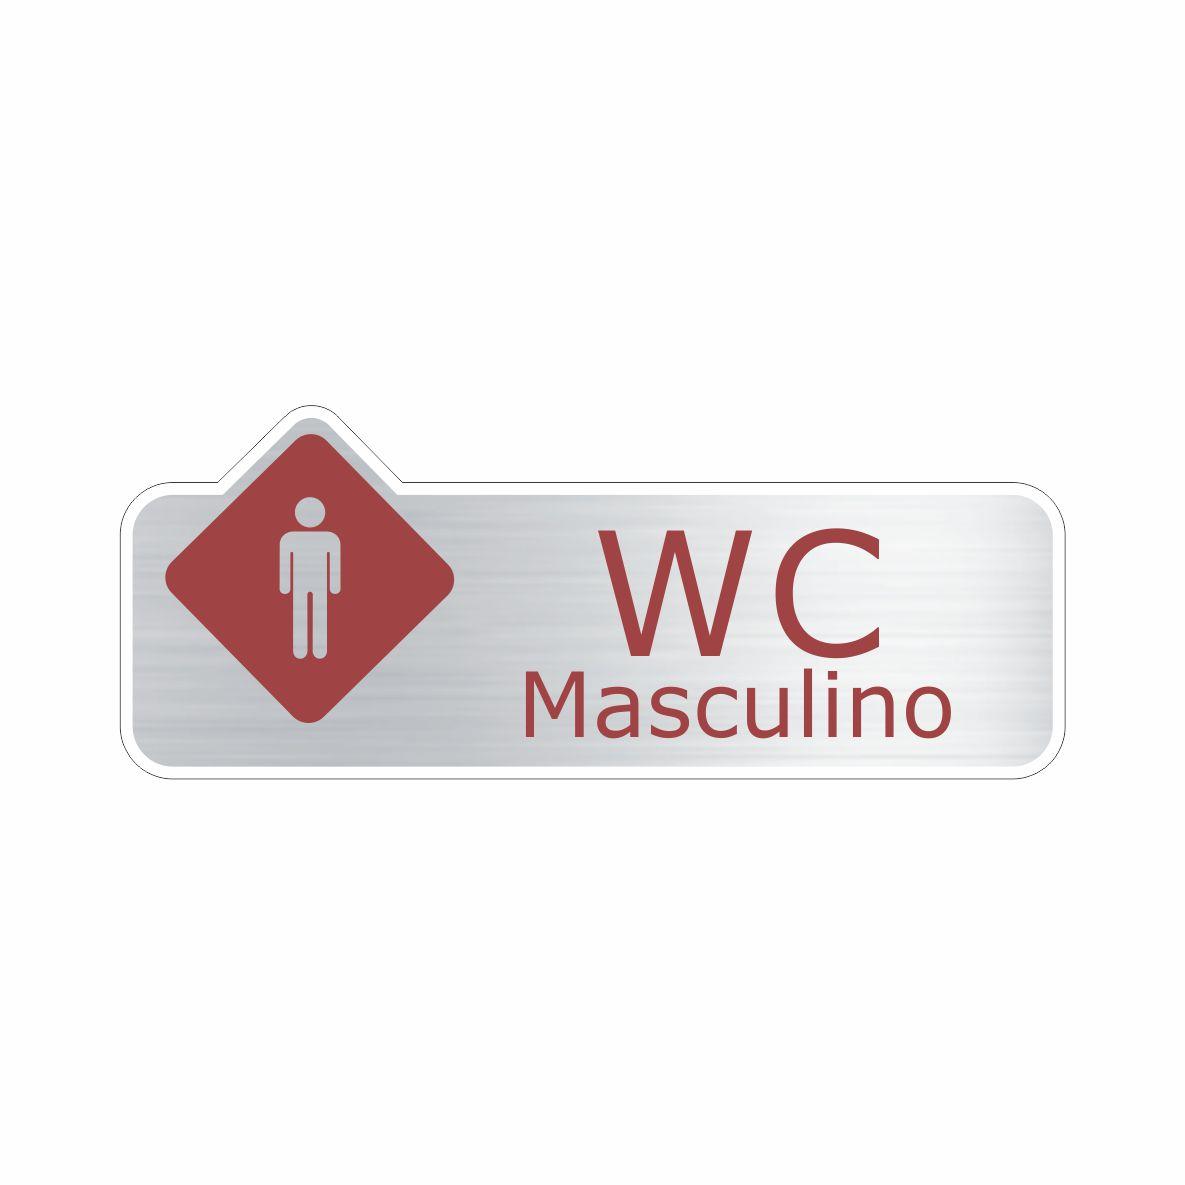 WC Masculino  - Towbar Sinalização de Segurança